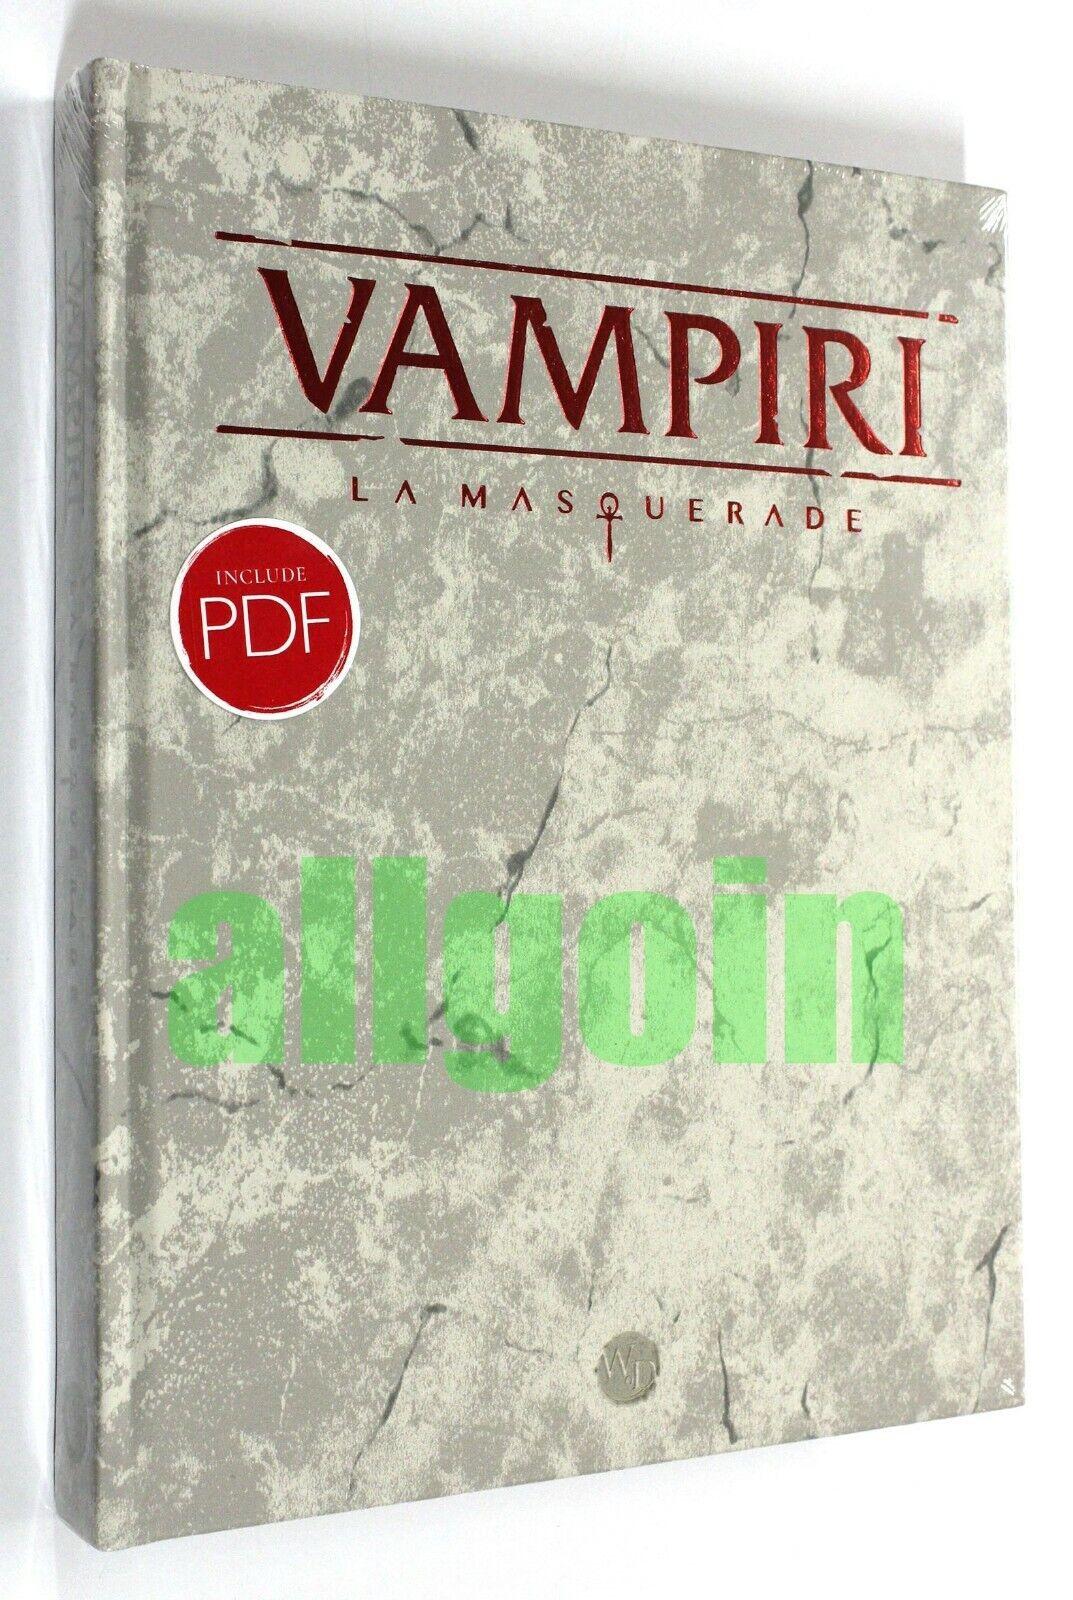 Vampiri La  Masquerade uomoUALE BASE 5e 5^ EDIZIONE QUINTA V5 (LIBRO + PDF) DELUXE  vendita scontata online di factory outlet